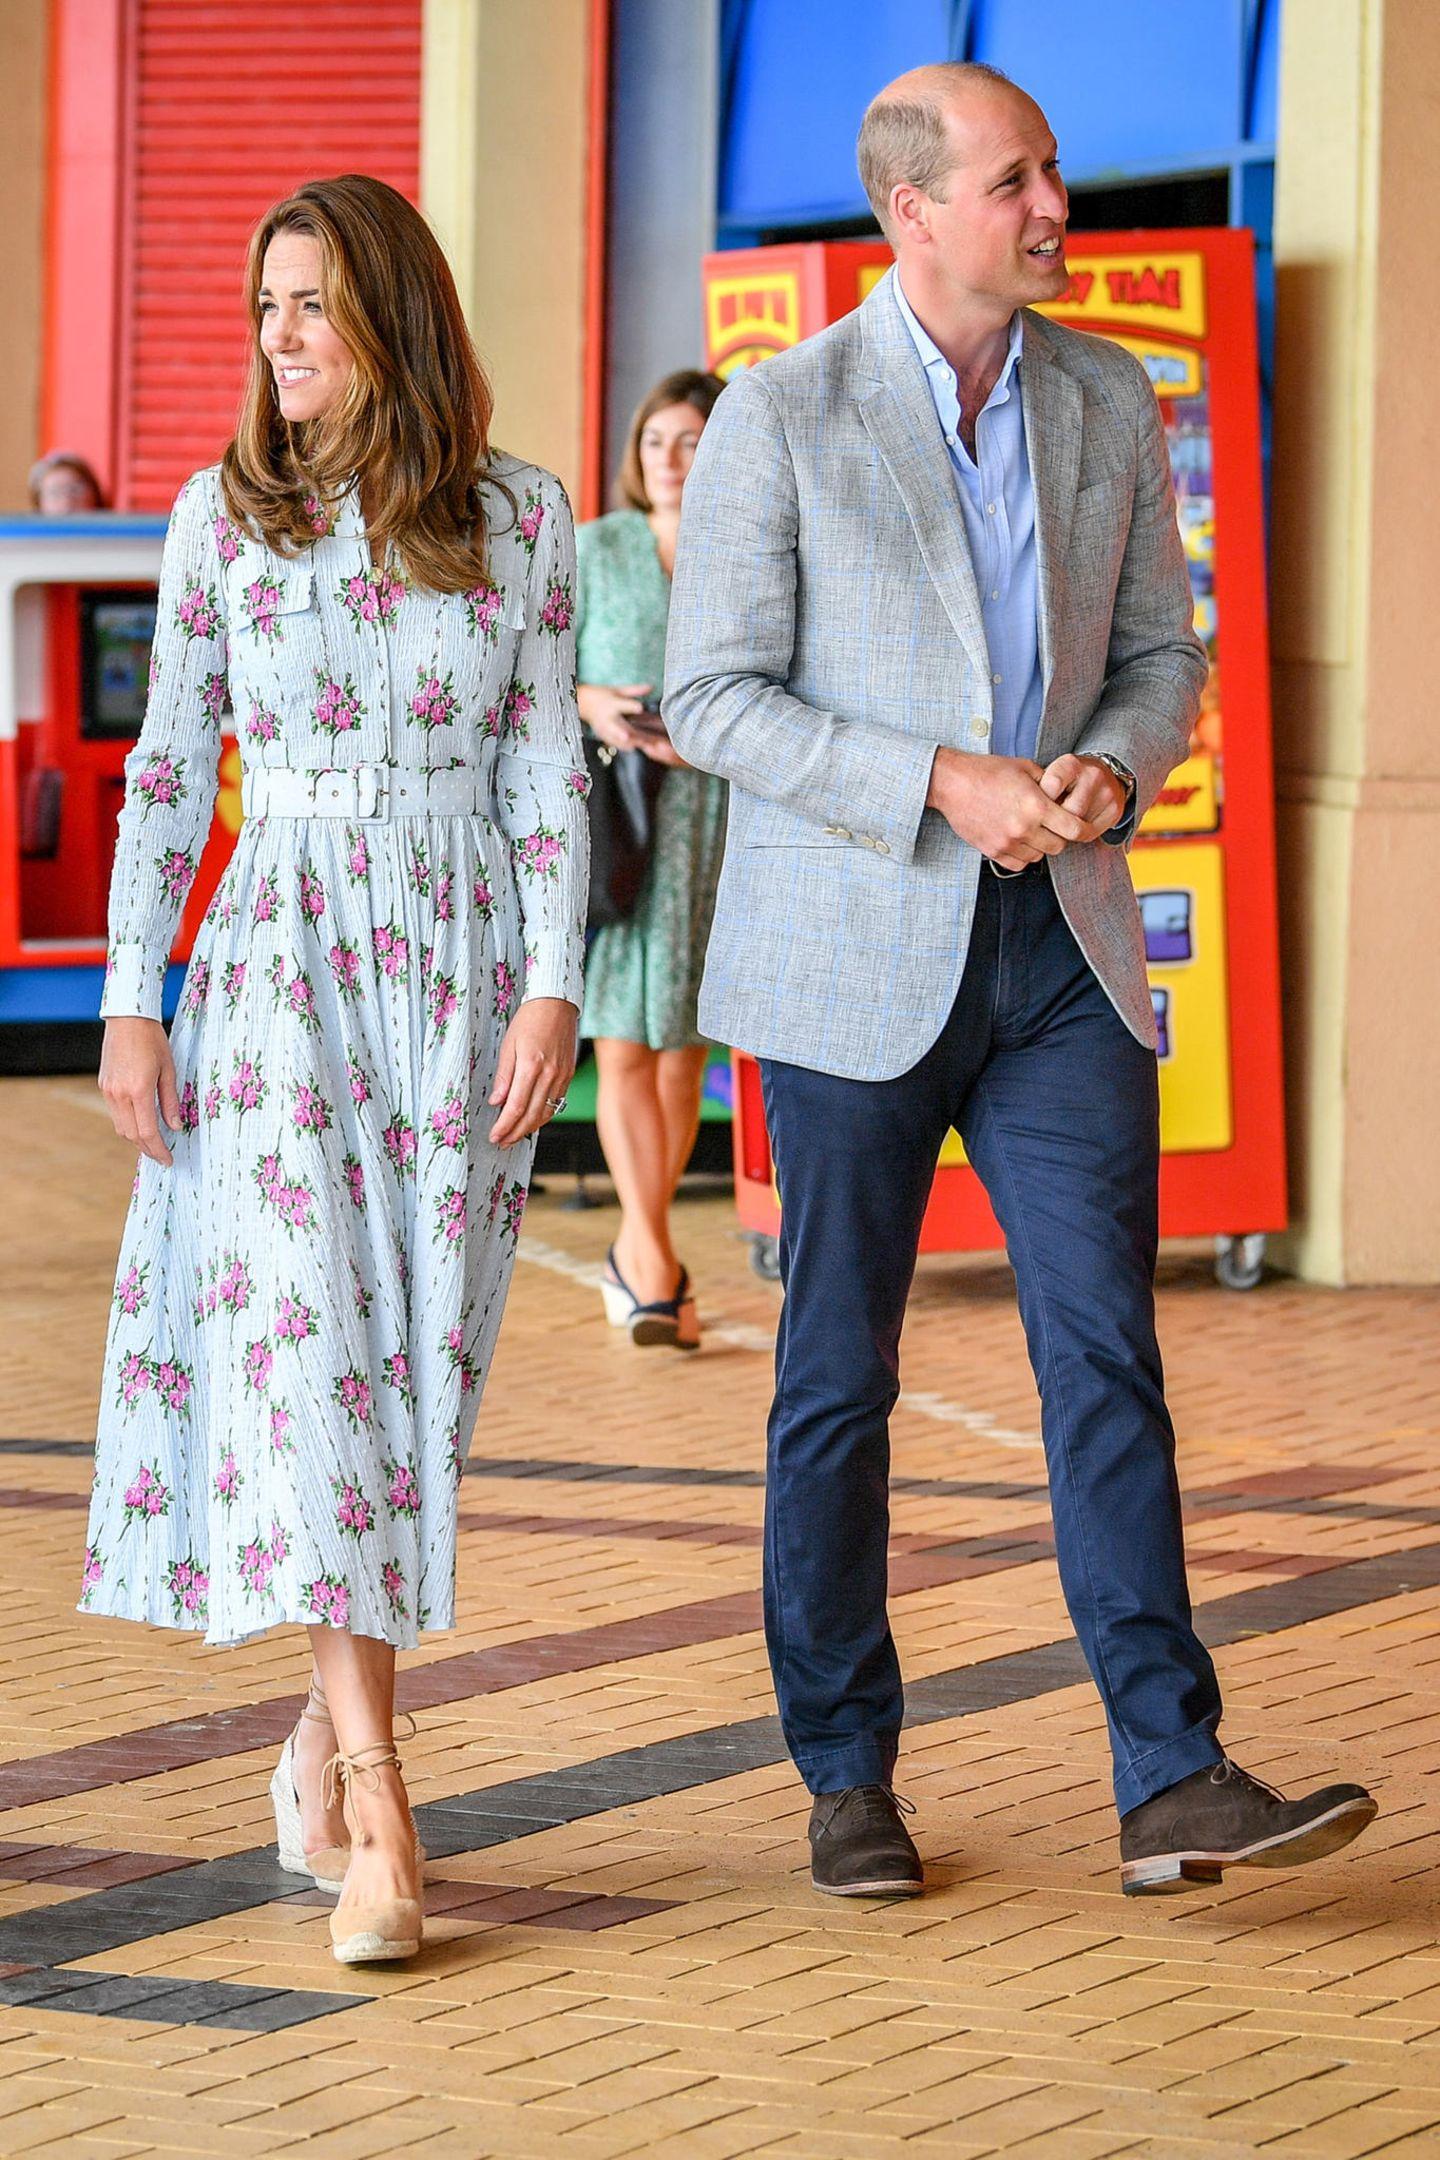 """Kate und William besuchen eine Spielhalle im Süden von Wales. Zu diesem Anlass trägt die Herzogin das """"Aurora""""-Kleid von Emilia Wickstead. Das luftige Material, der florale Print und der elegante Schnitt sind perfekt für einen sommerlichen Termin wie diesen. Dazu kombiniert sie hellbraune Wedges von Castañer."""